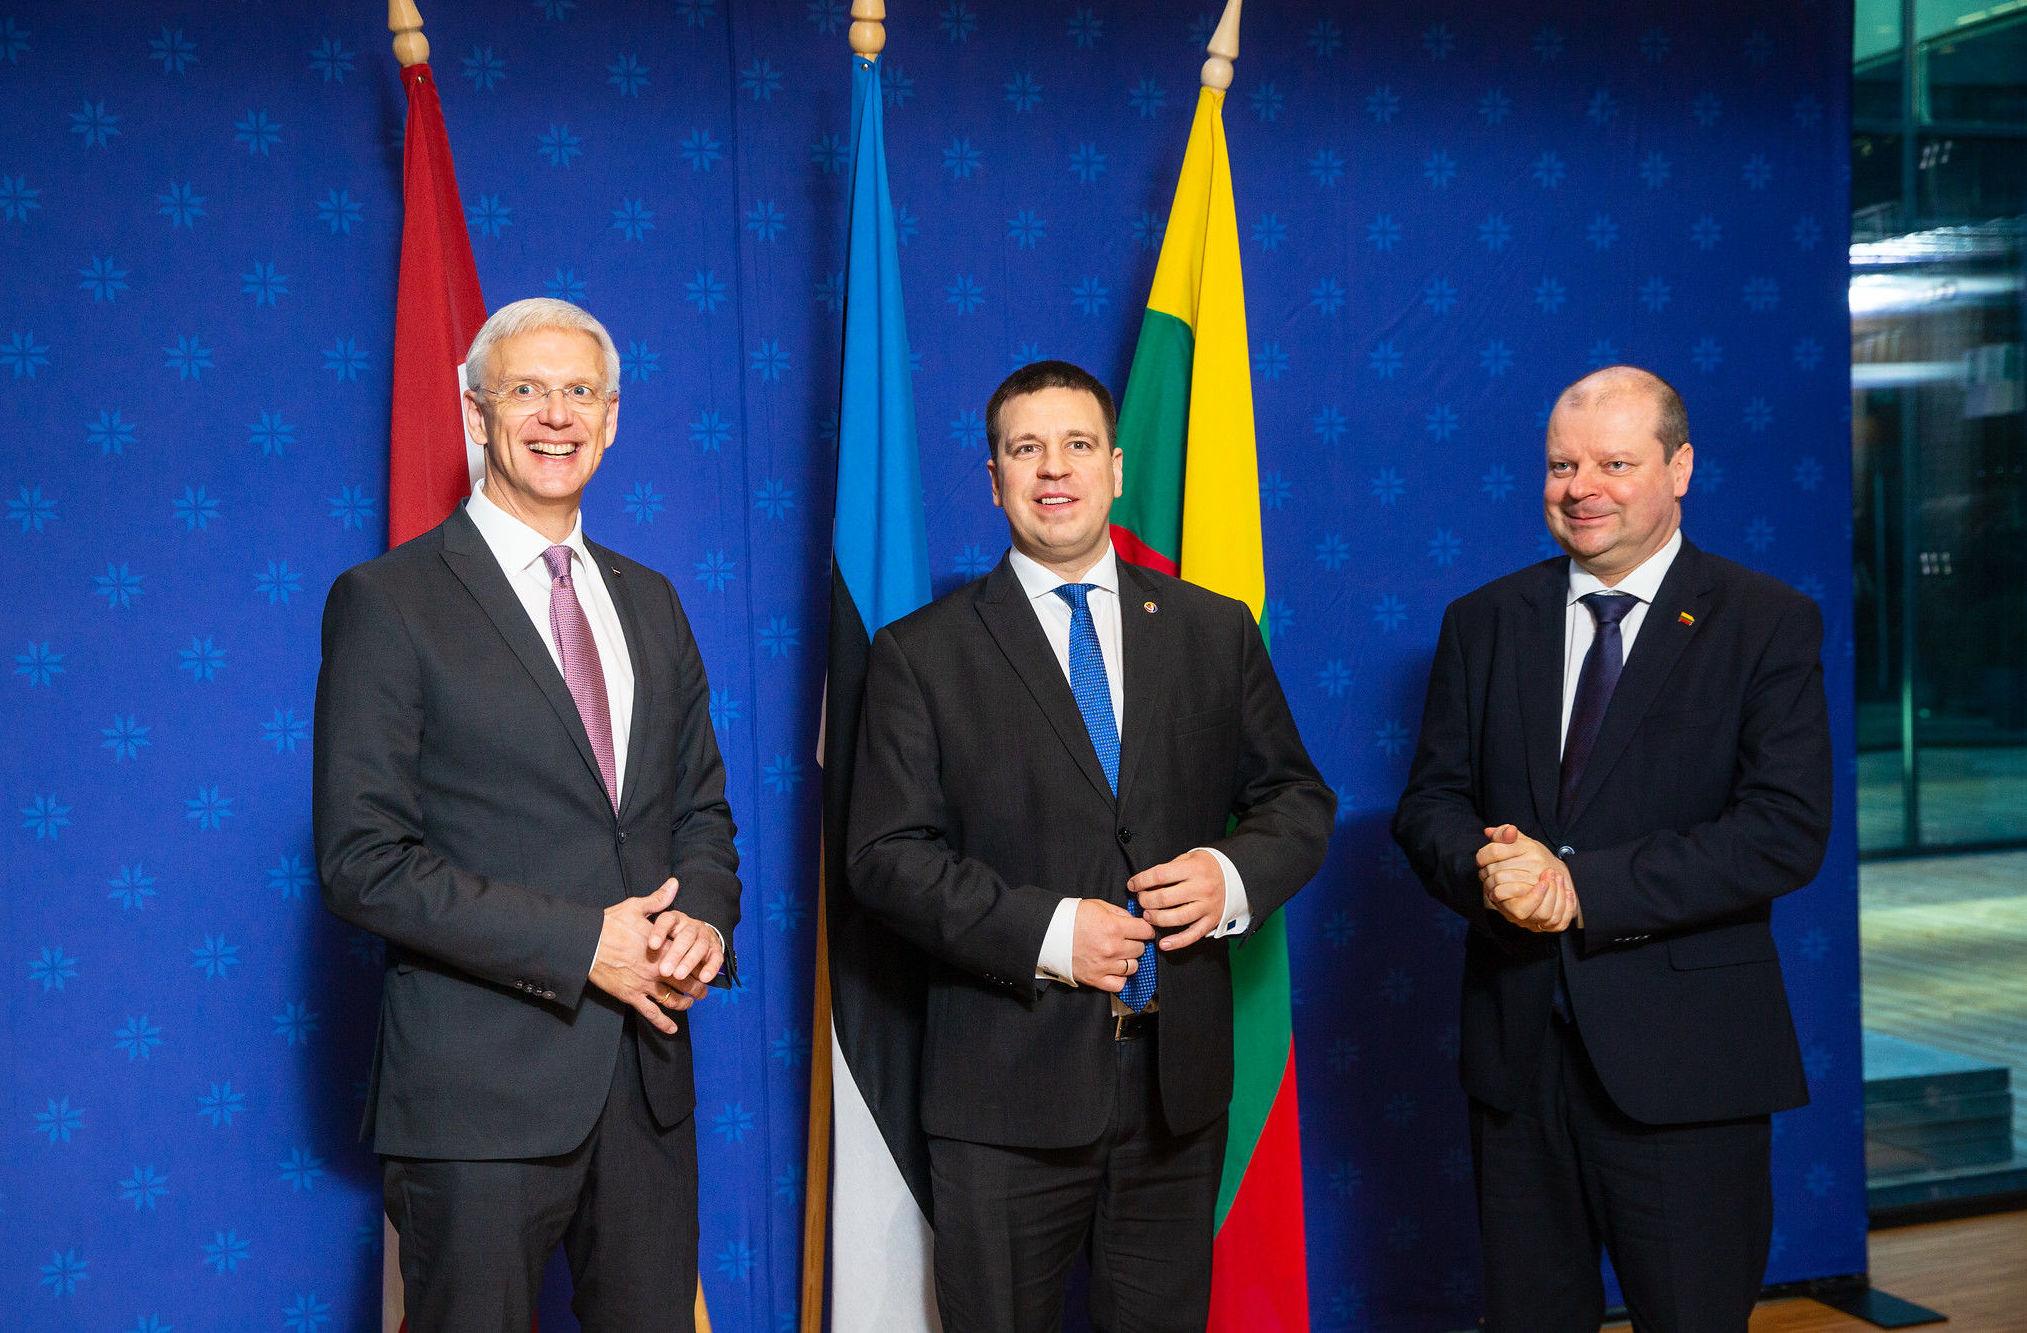 Премьеры-министры прибалтийских стран Юри Ратас, Кришьянис Кариньш и Саулюс Сквернялис на встрече, 7 февраля 2020 года